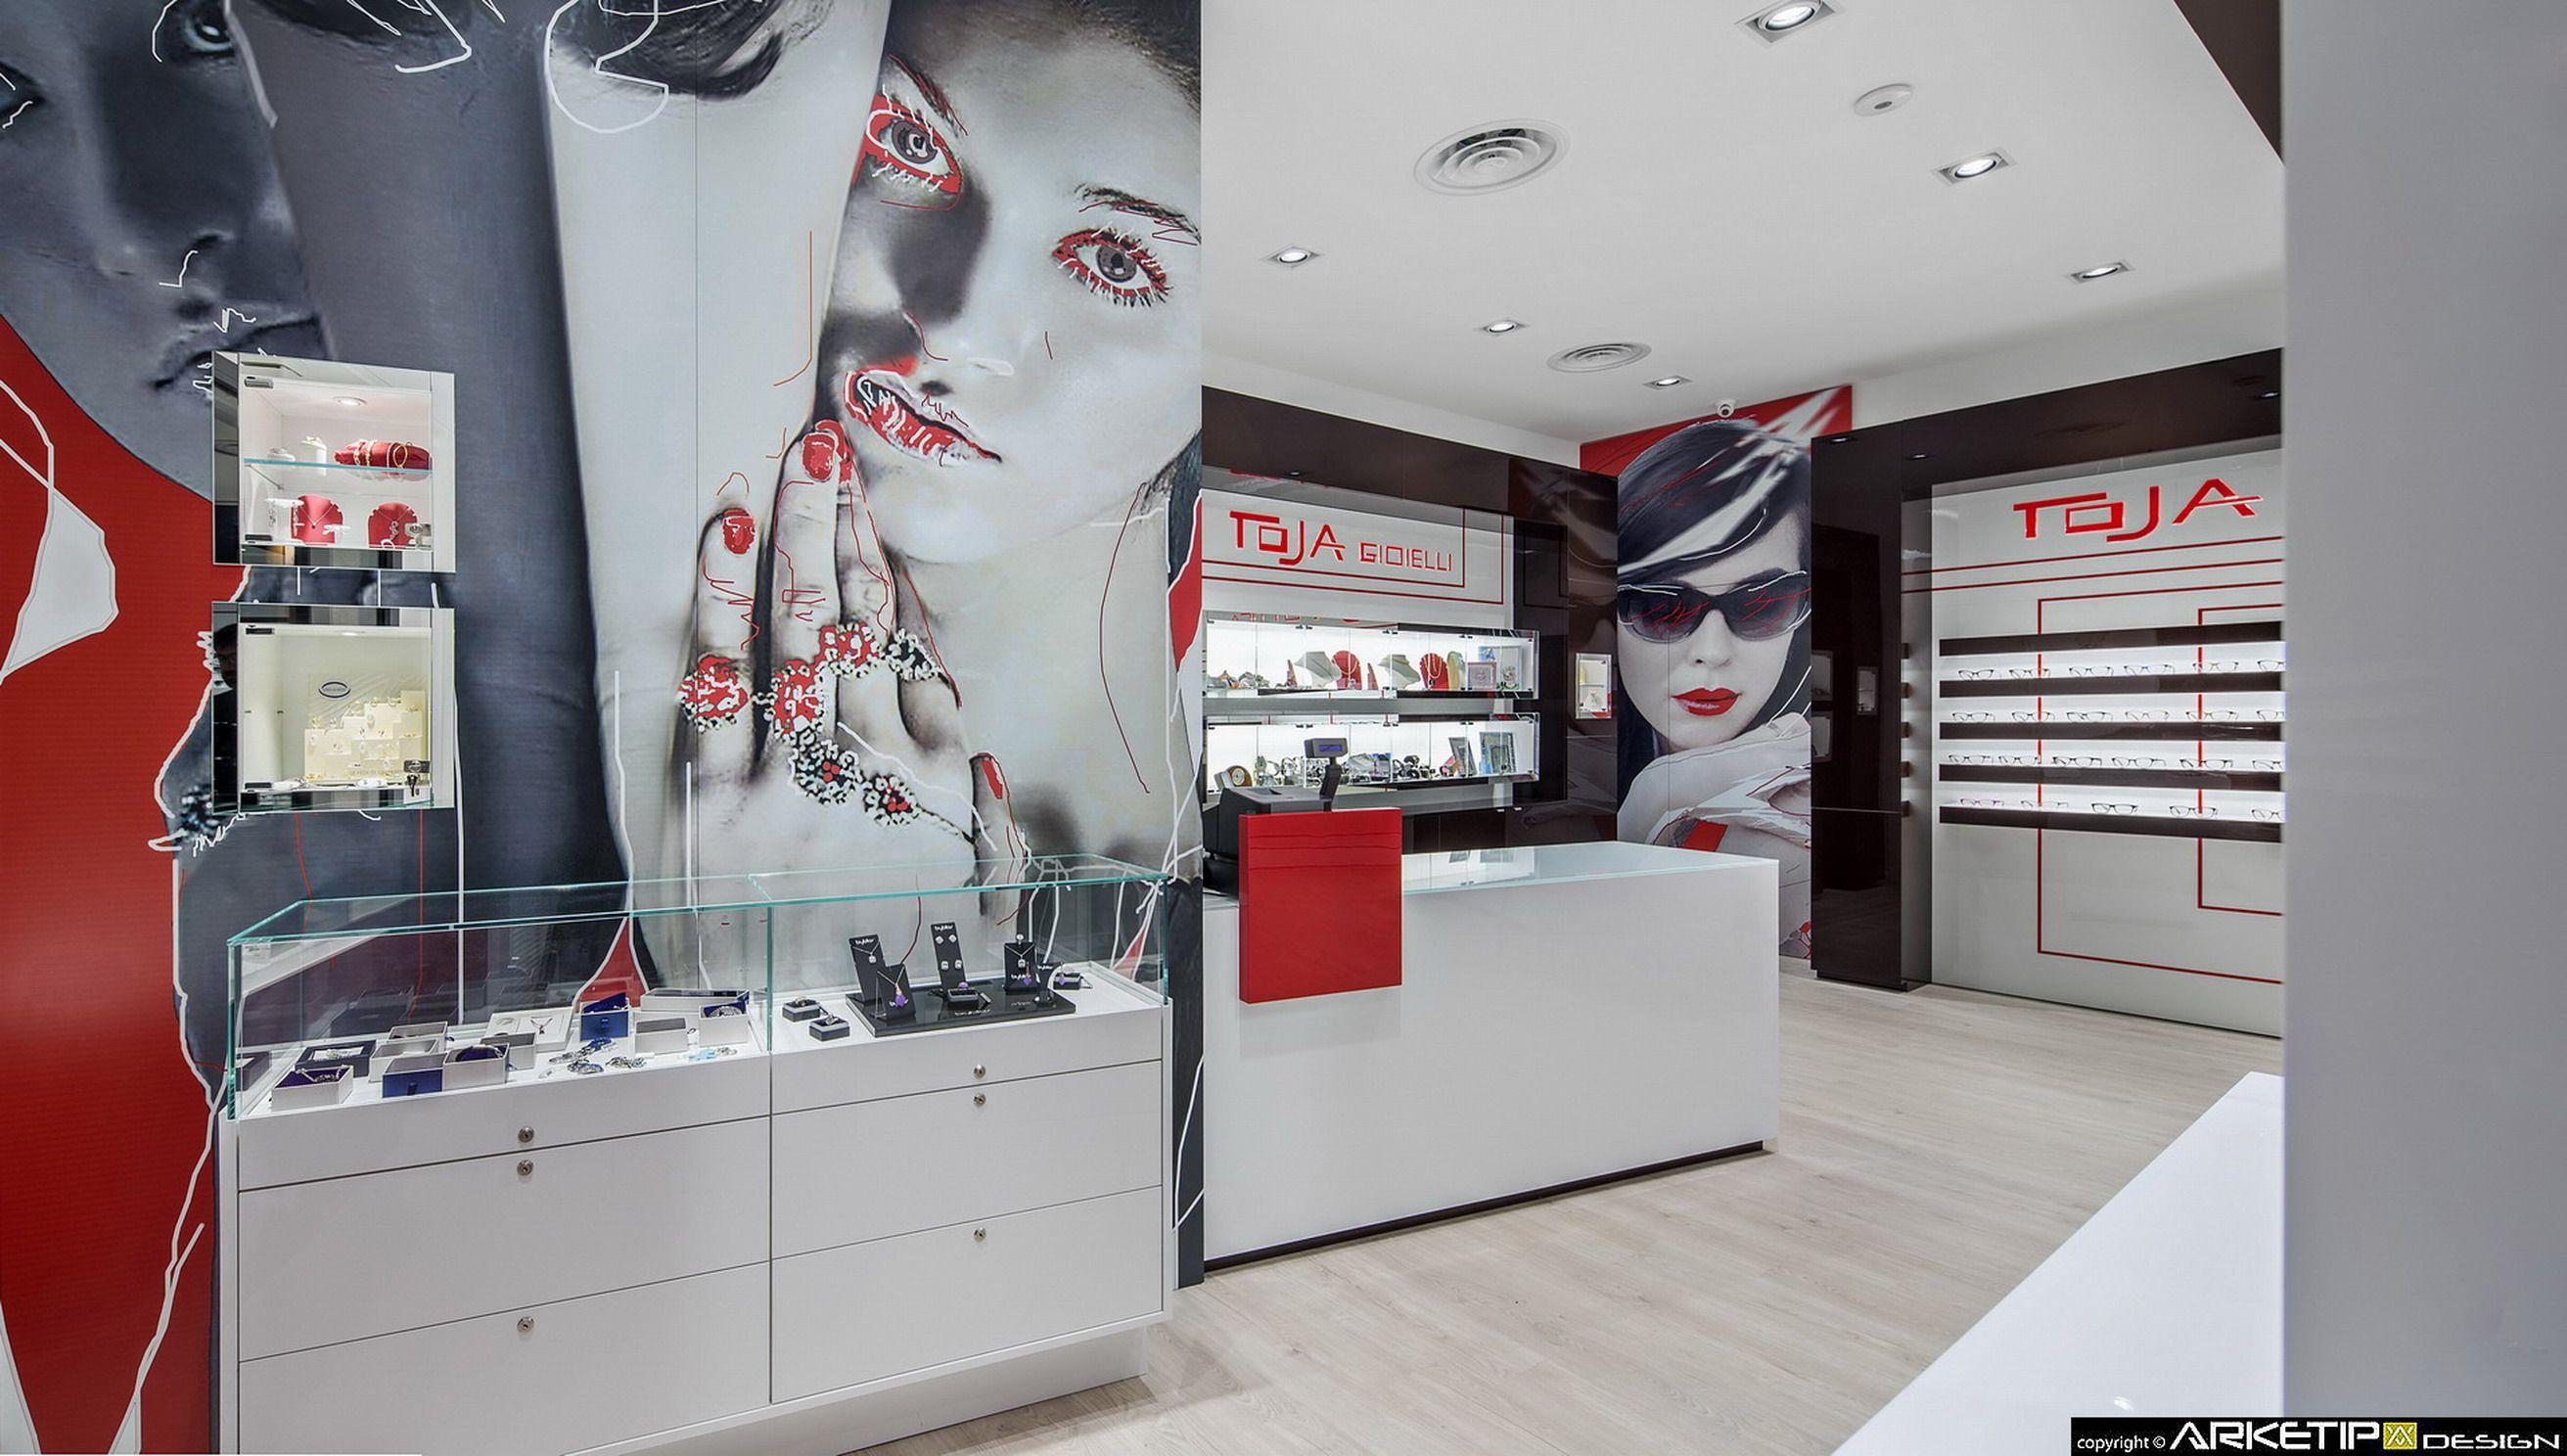 Arredo Casa Feletto Umberto.Retail Design Arredamento Negozi Di Ottica Project By Arketipo